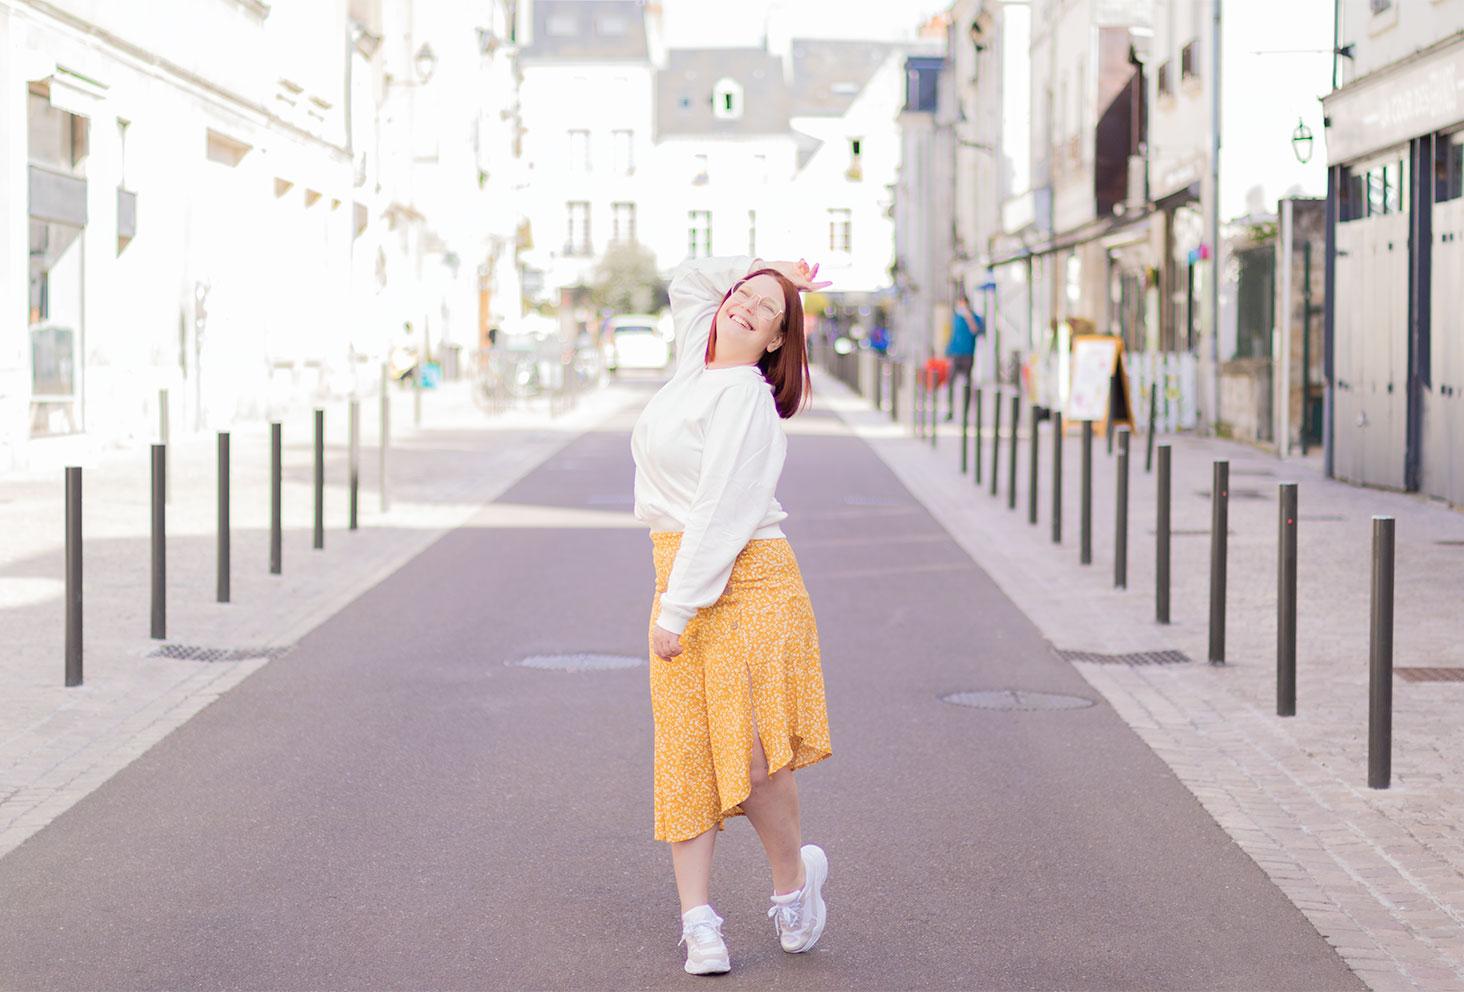 Jupe jaune fluide et asymétrique La Halle, portée avec un gros sweat blanc et une paire de baskets, pour un look chill avec le sourire